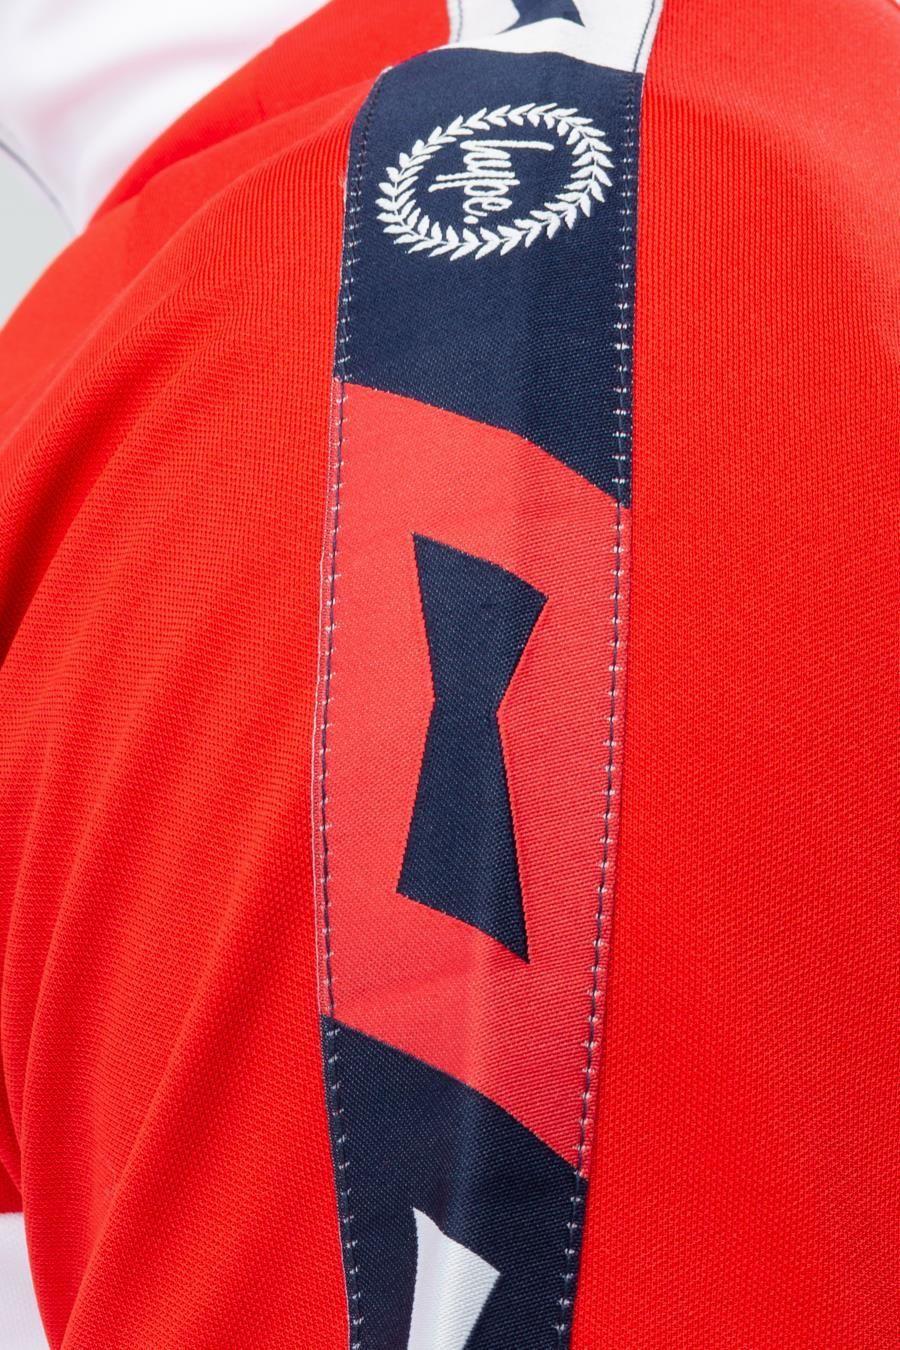 Hype Budweiser Colourblock Mens Quarter Zip Jacket